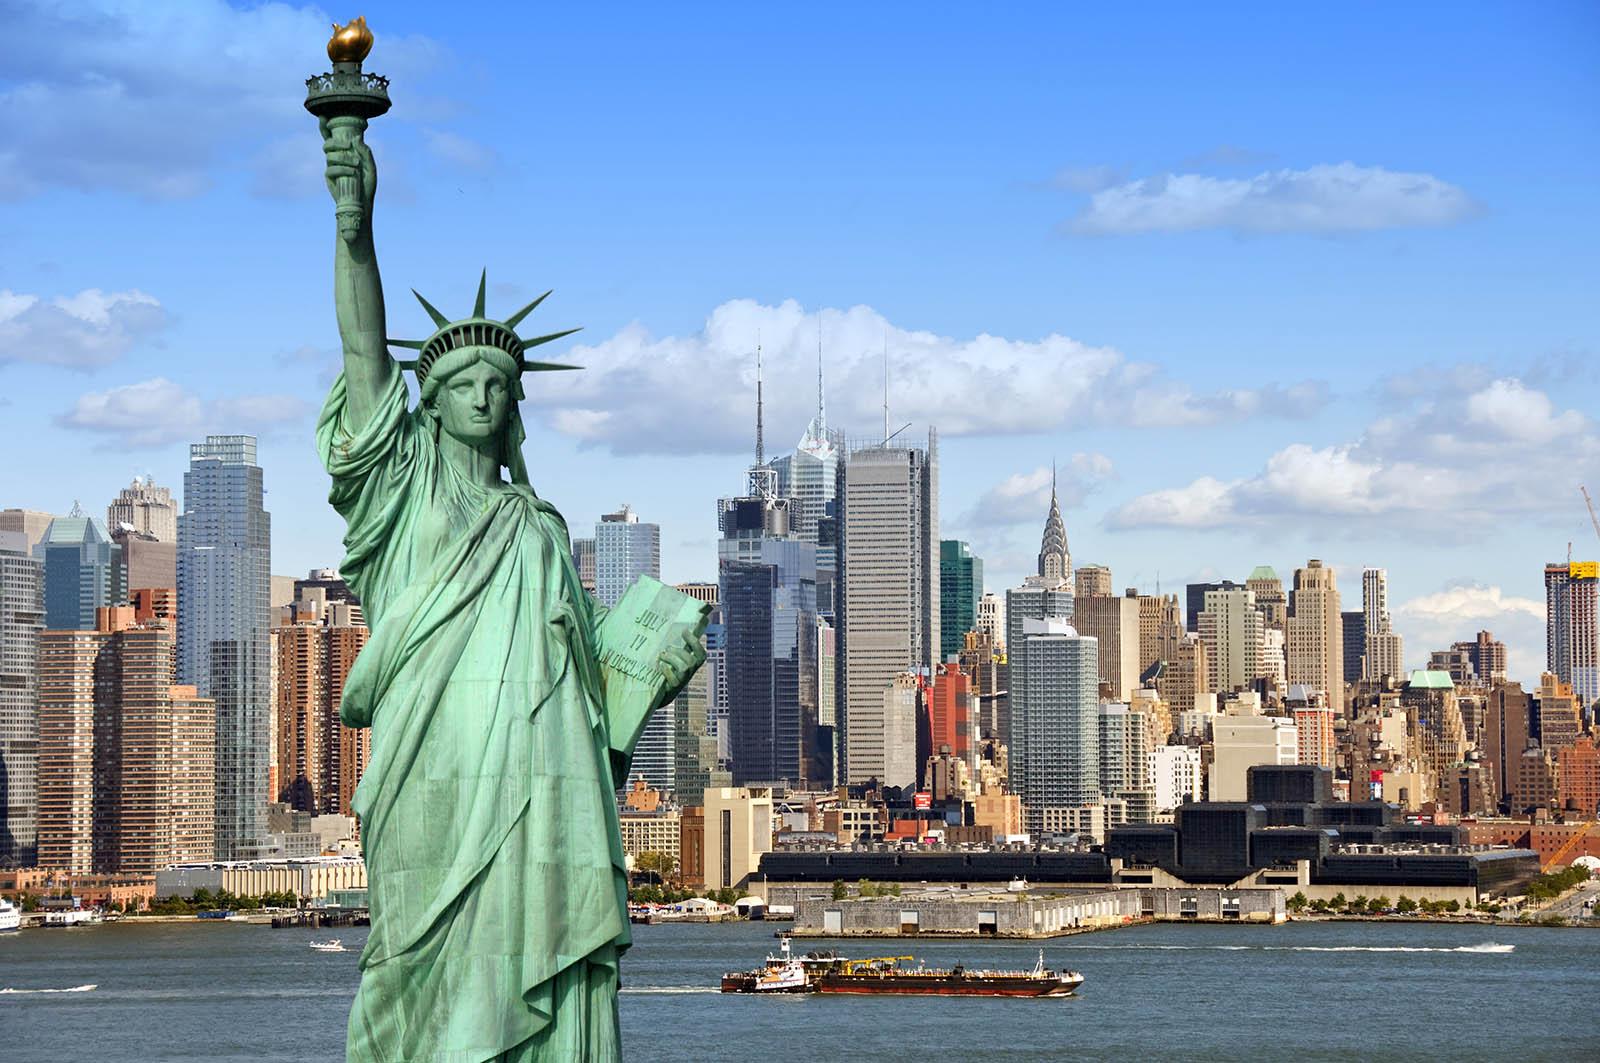 realizecanada_intercambio_vaigem_estudarfora_cidadania_exterior_europa_escolas_canada_imigracao_novayork